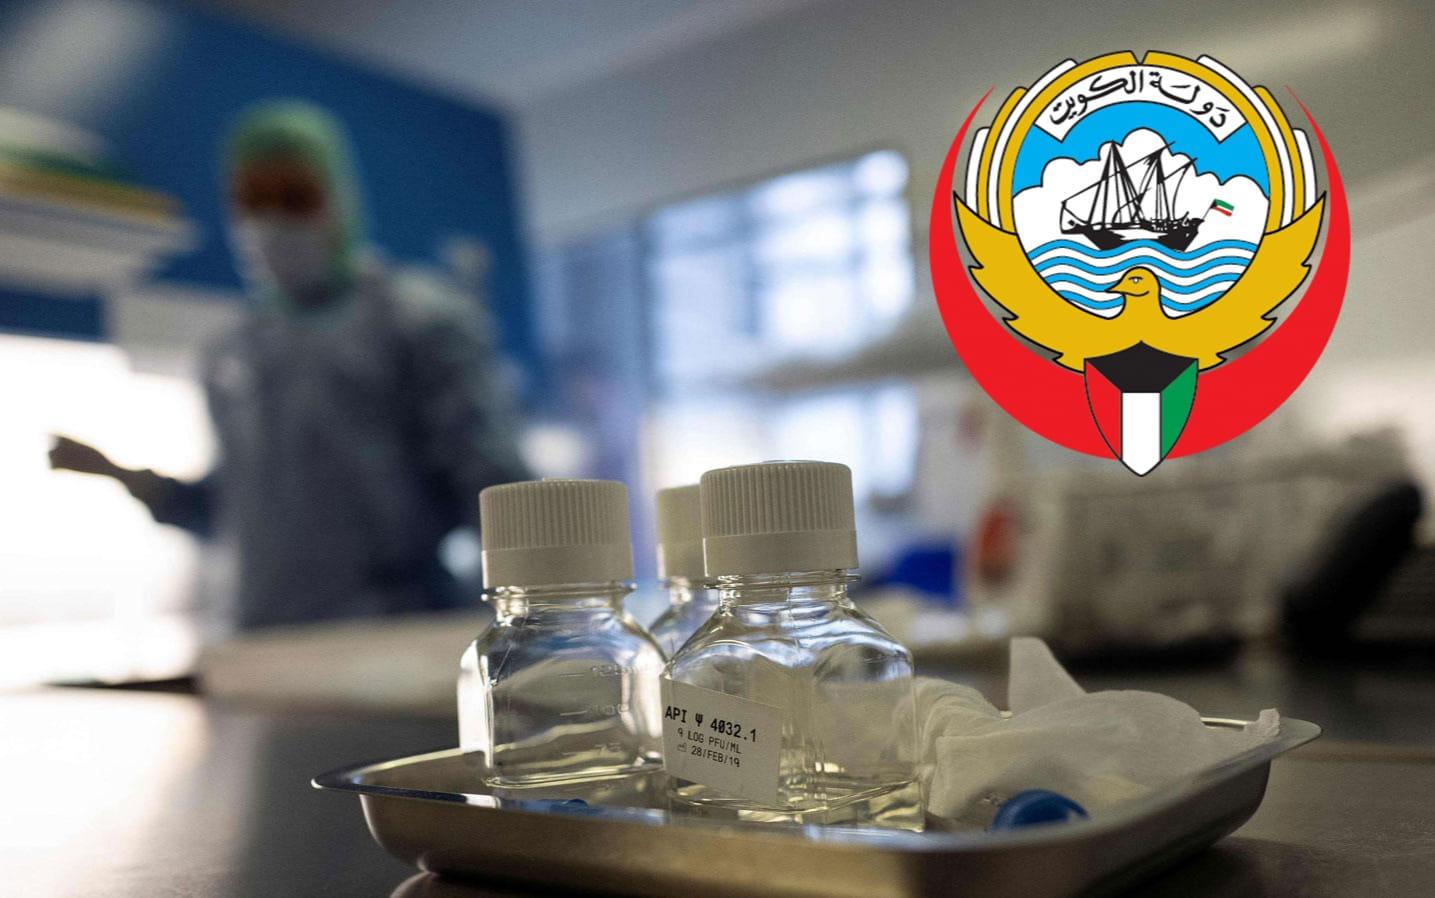 """٢٠٢١٠٧١٨ ٢٠٣٠١٨ - #عاجل   """"#الصحة"""": 1189 إصابة جديدة بفيروس كورونا.. و10 حالات وفاة   -شفاء 1425 حالة وإجمالي المتعافين 366935.   #العبدلي_نيوز"""